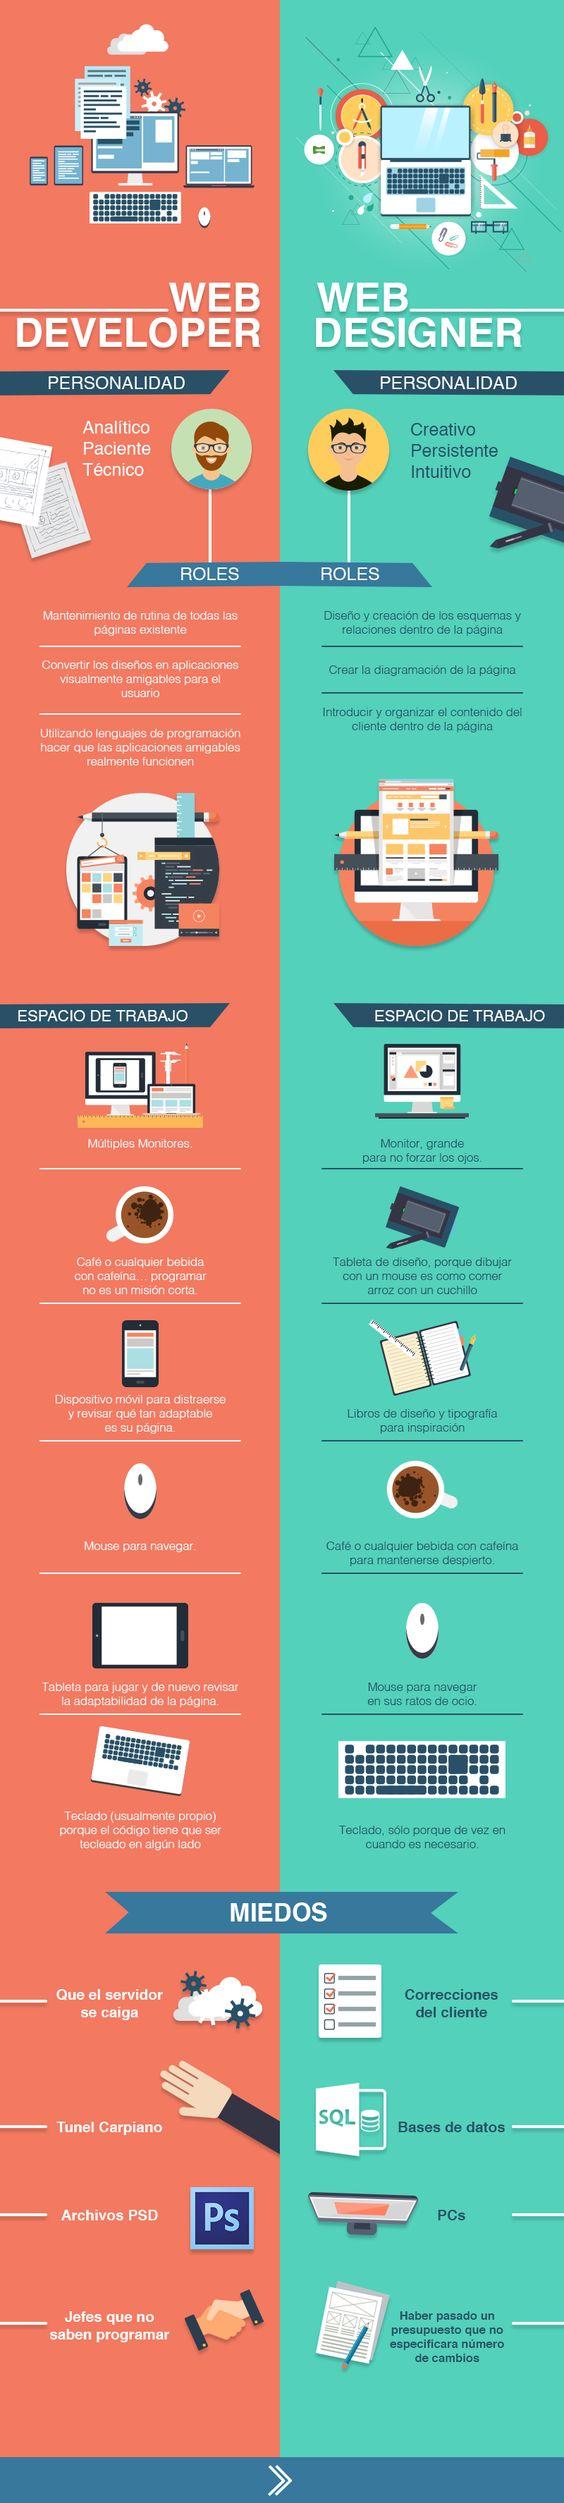 diferencias-desarrollador-y-disenador-web-infografia